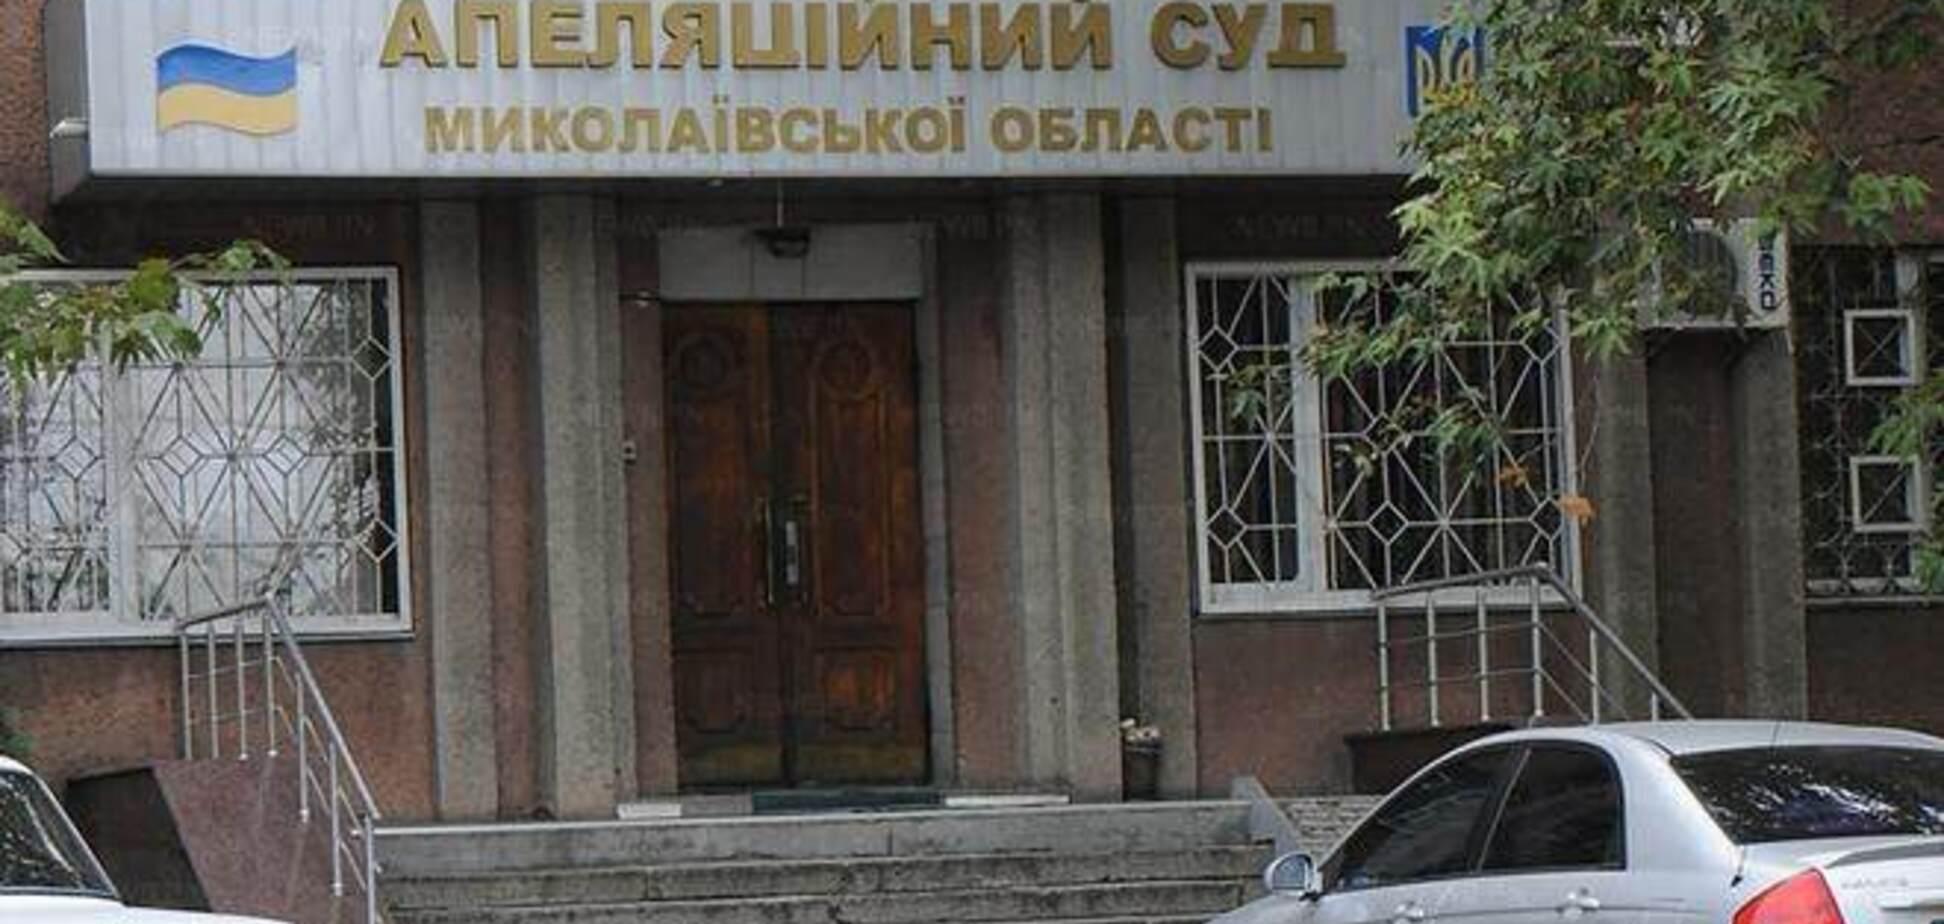 Судебное следствие по 'врадиевскому делу' завершено